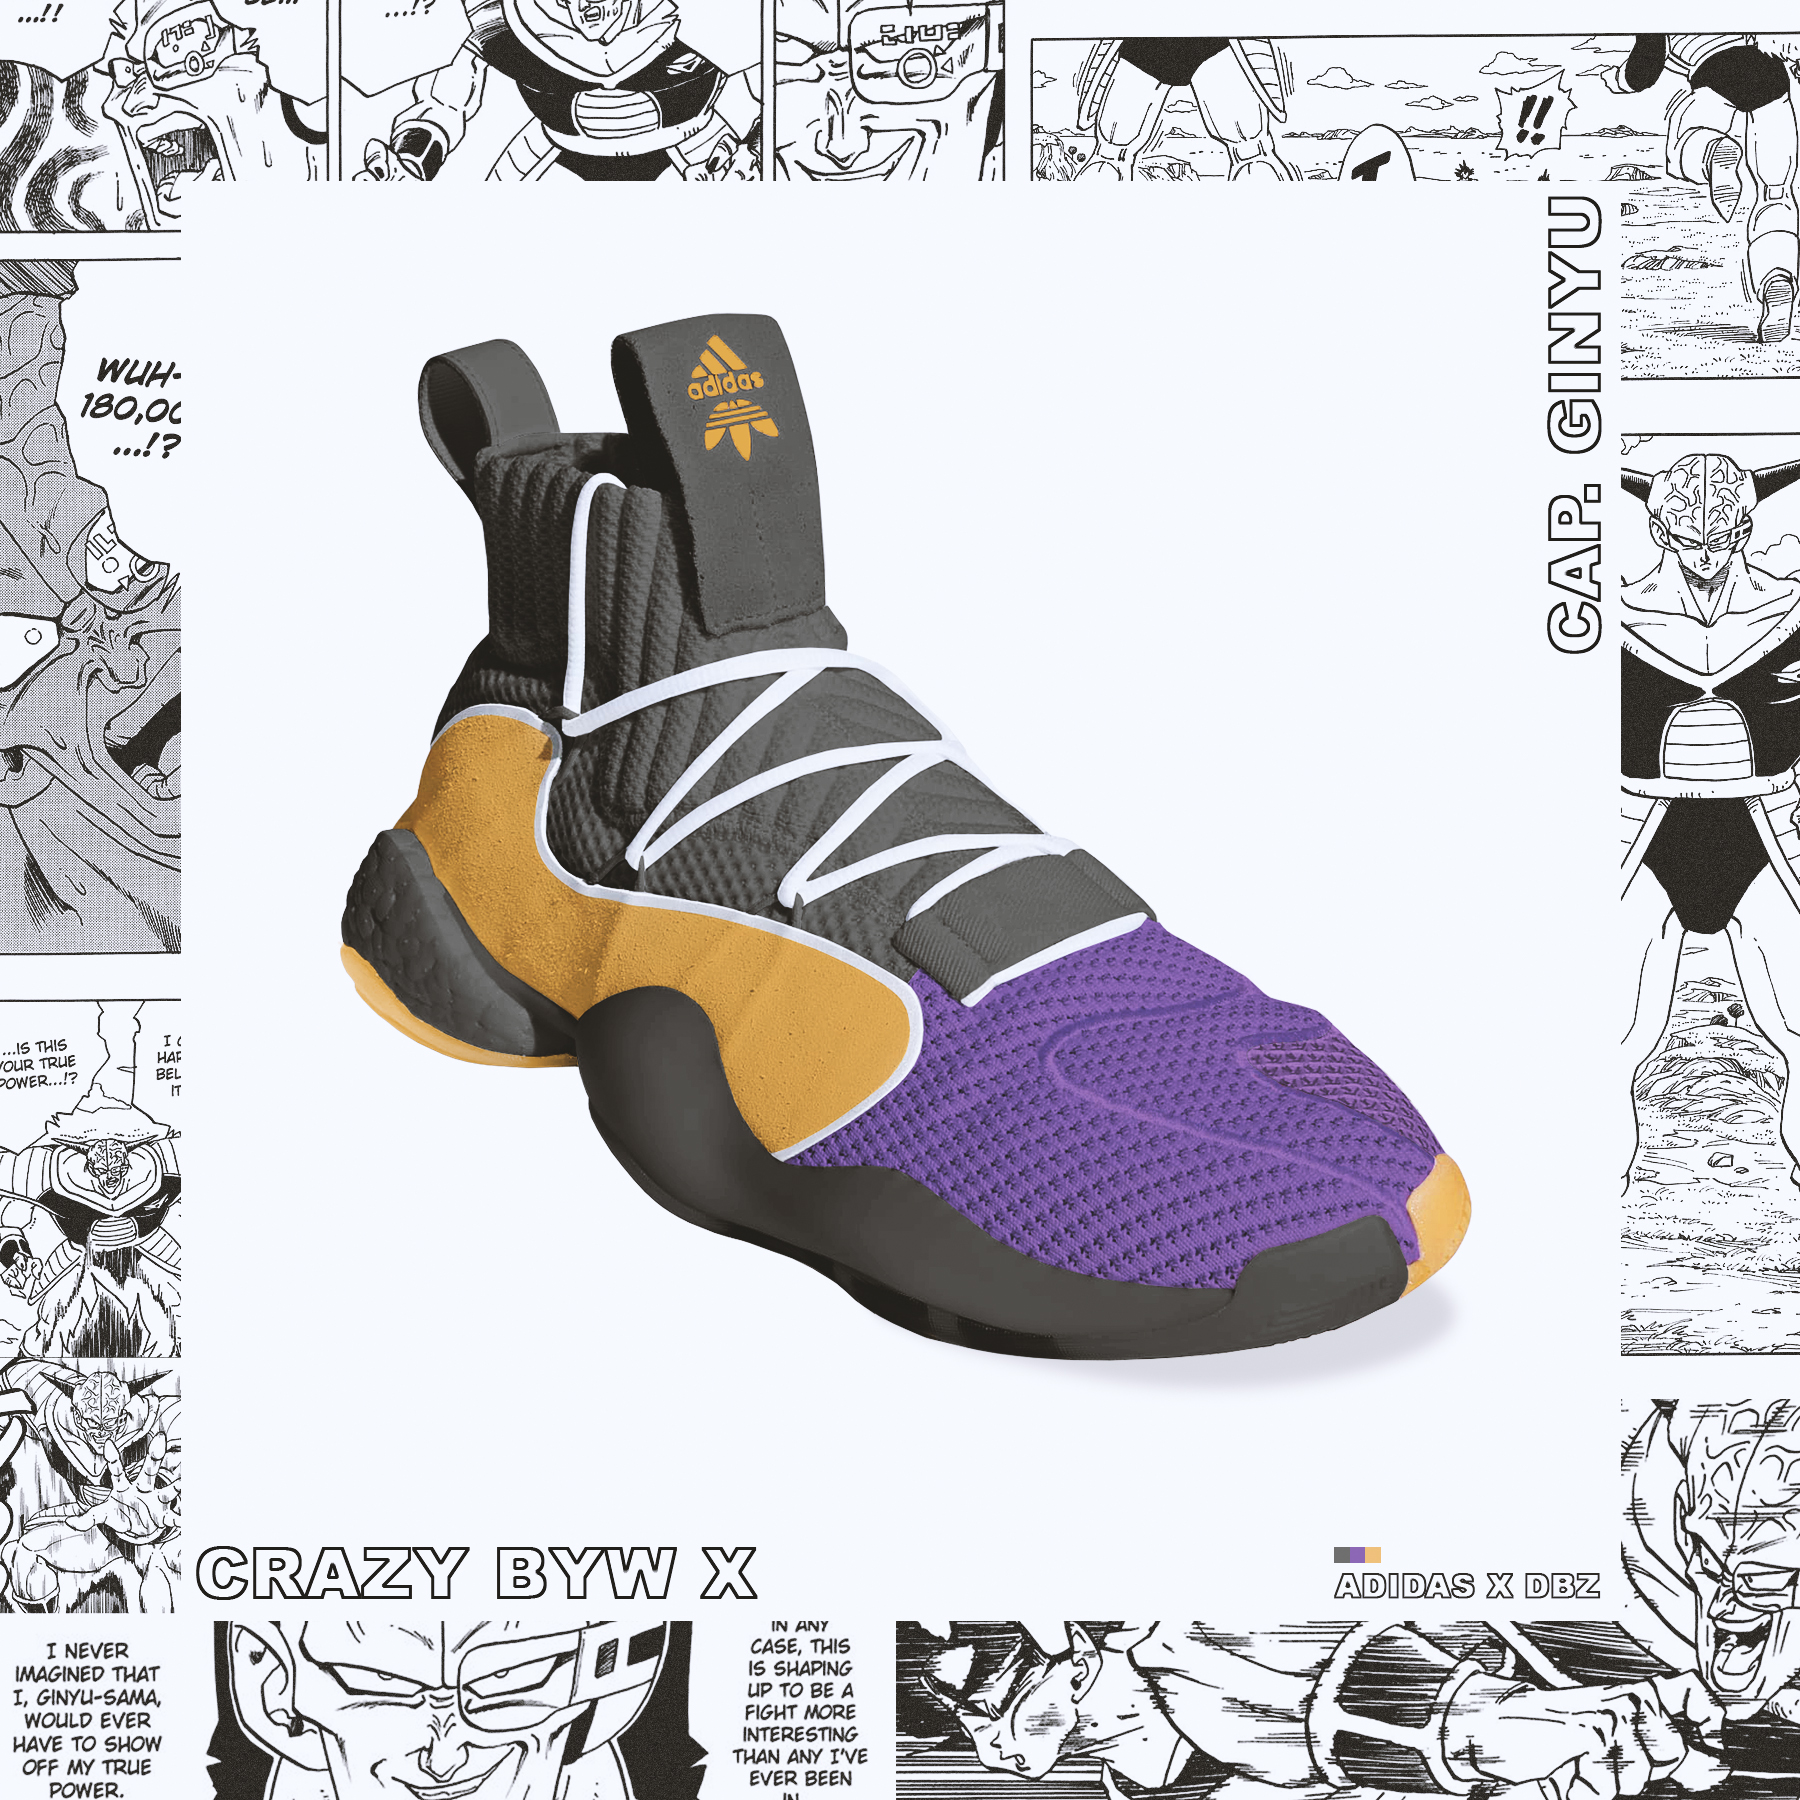 Adidas_CaptianGinyu_KevinCarter.jpg